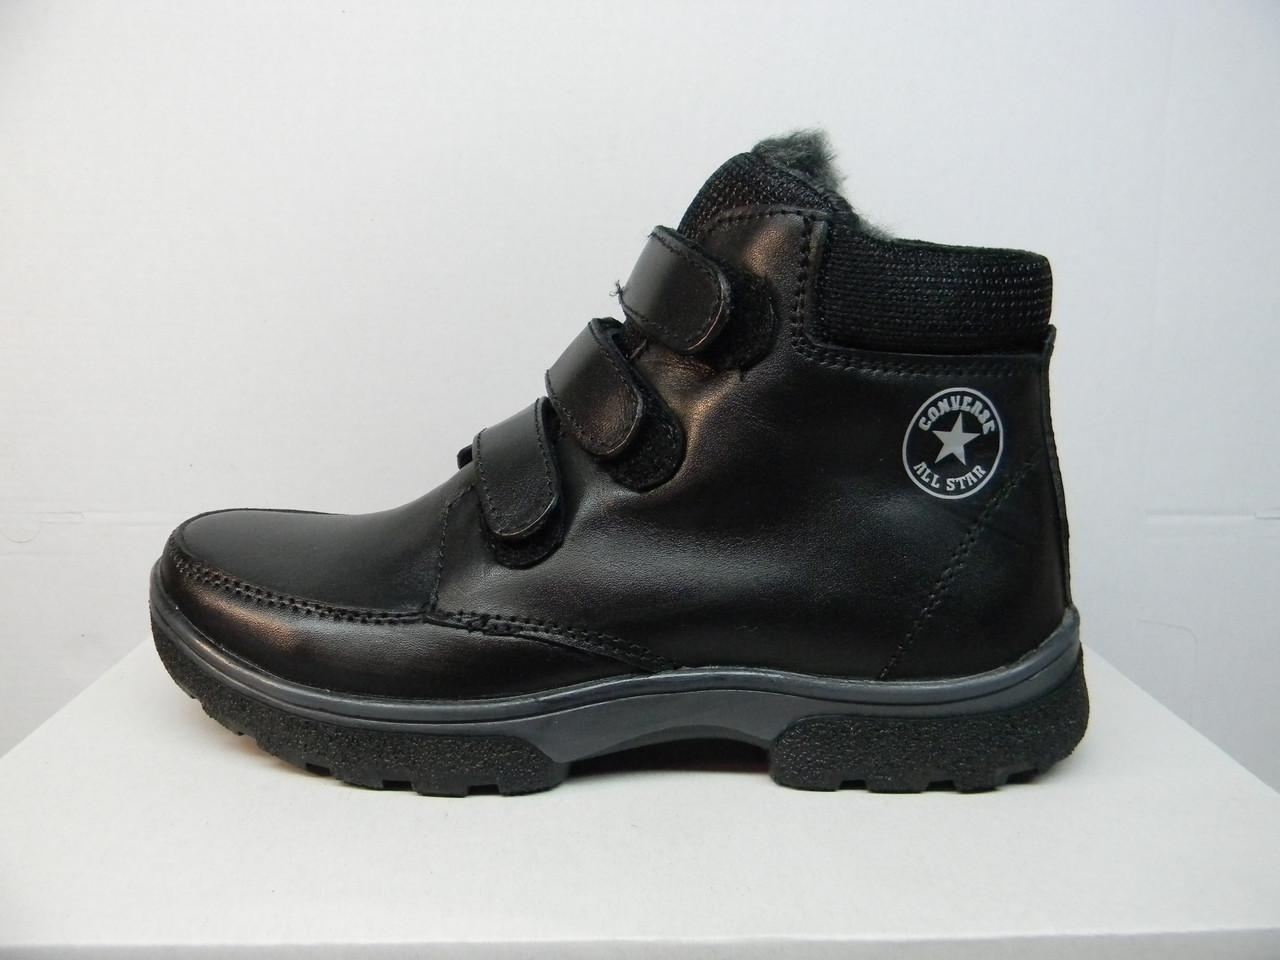 Детские подростковые зимние ботинки Converse опт - Обувный магазин